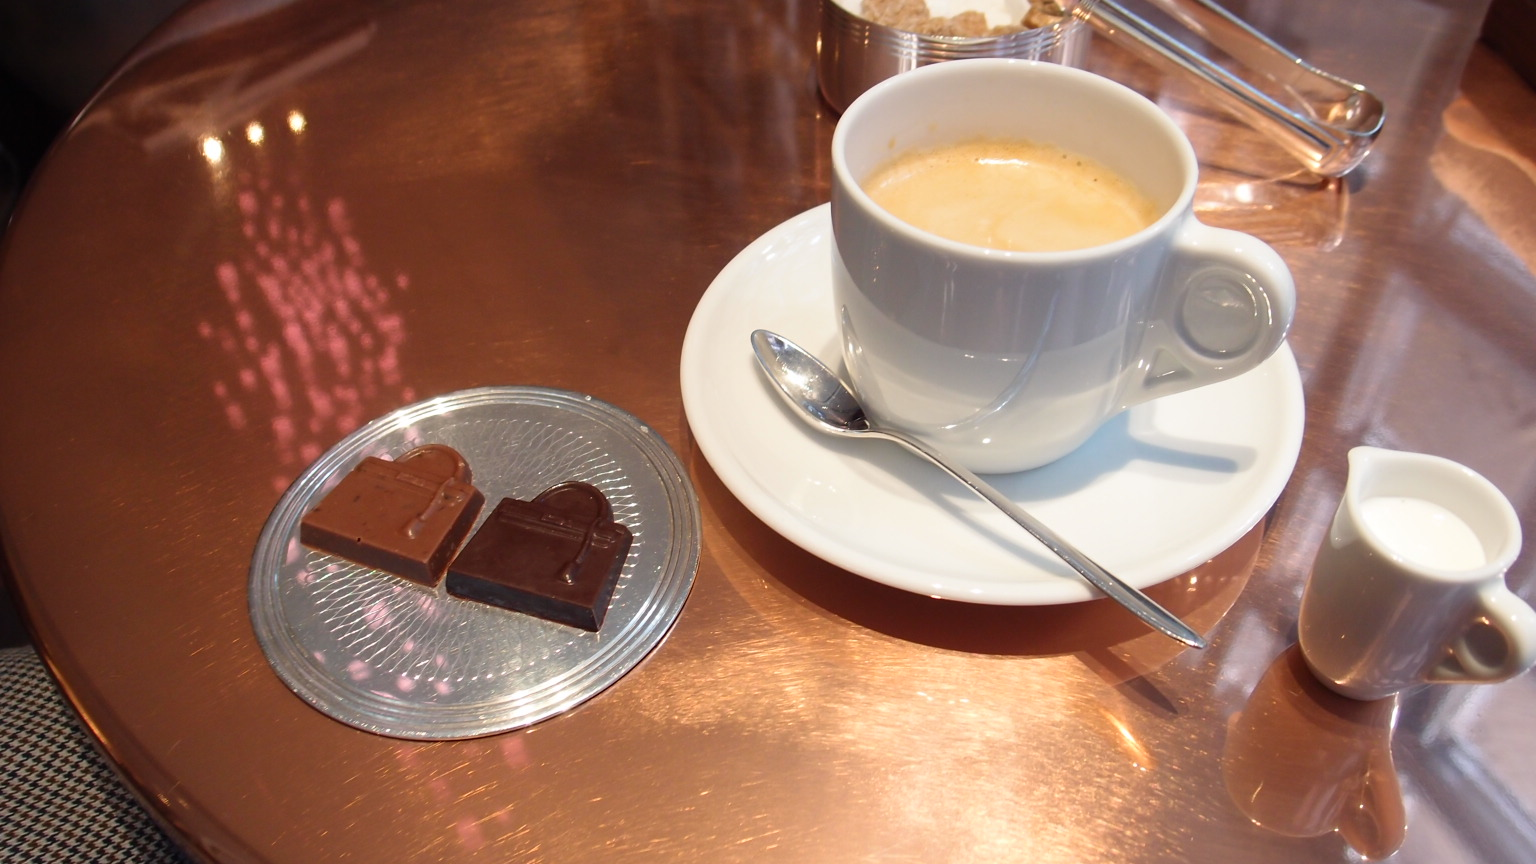 銀座 Puiforcat cafe@エルメス Cafe